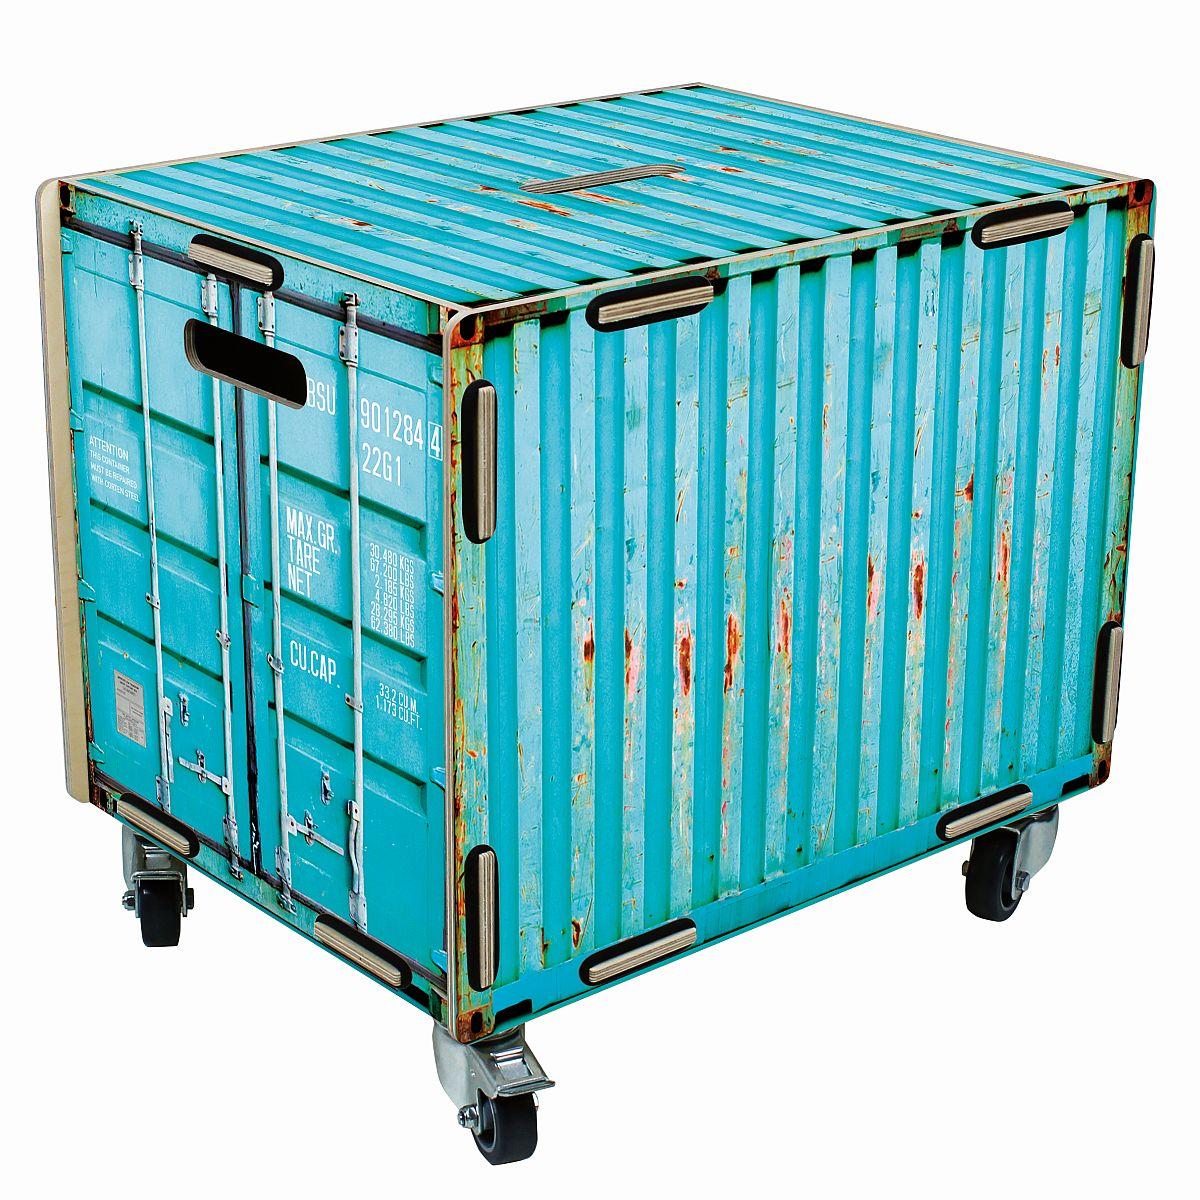 werkhaus rollbox container t rkis rb6002 rollcontainer kiste rolltisch box ebay. Black Bedroom Furniture Sets. Home Design Ideas